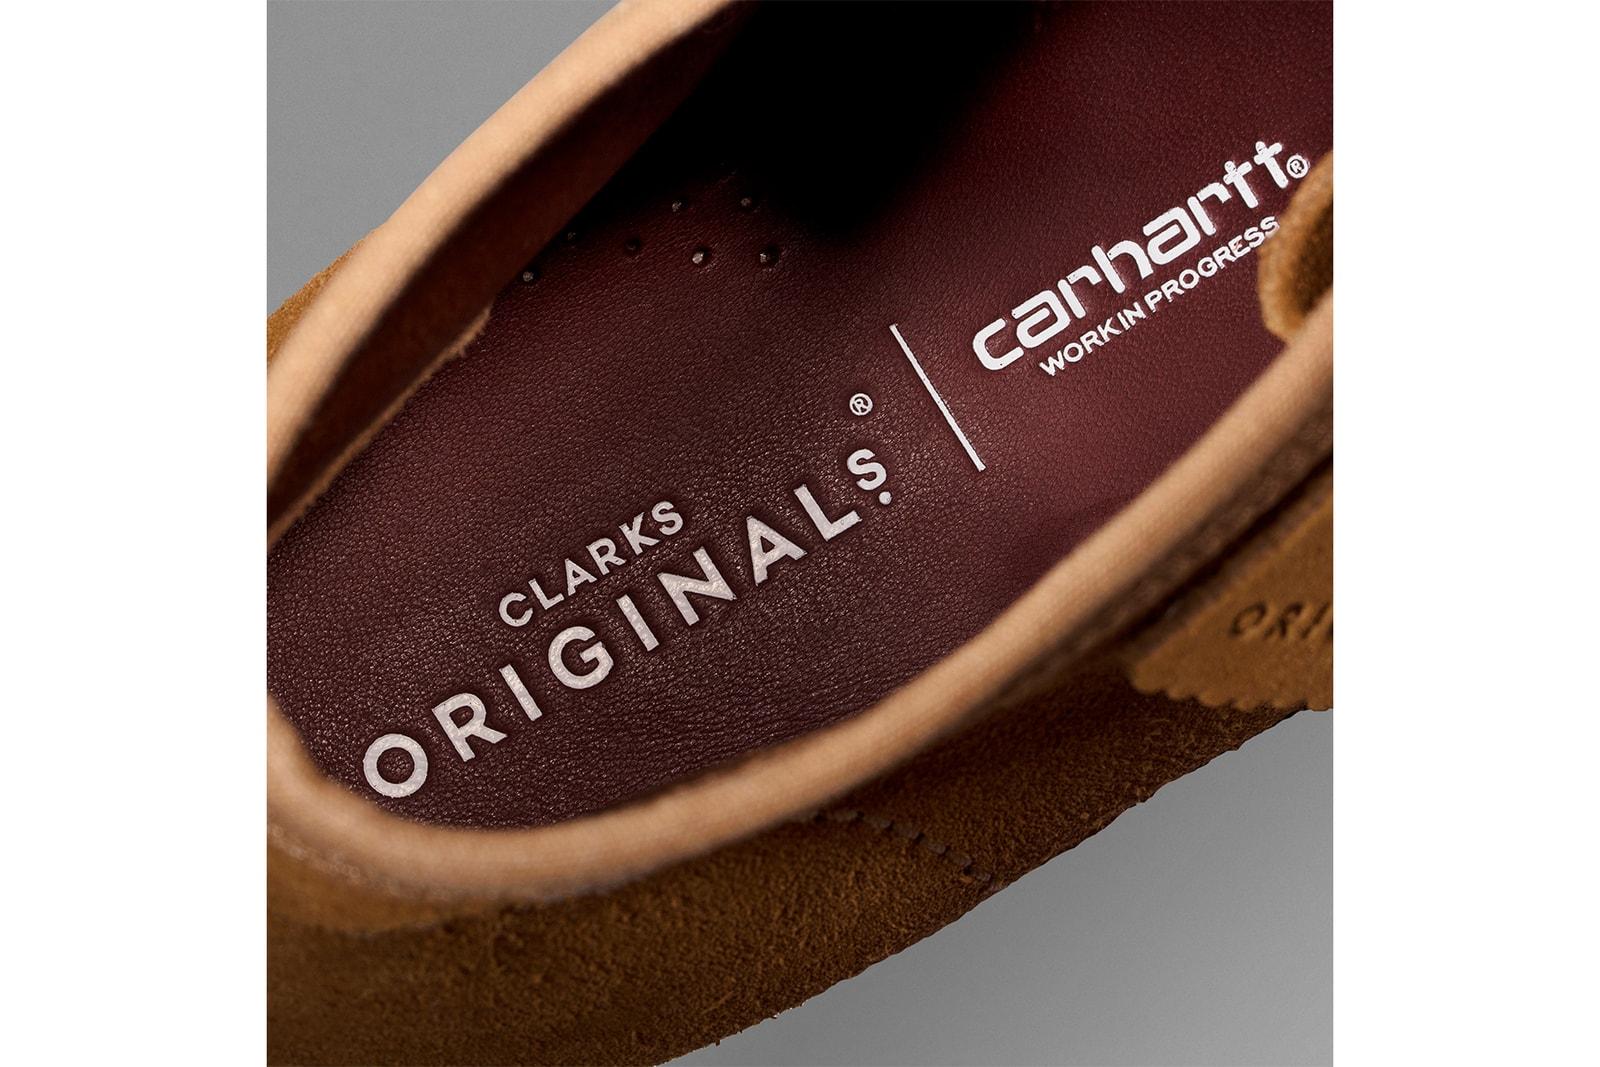 クラークスオリジナルズ カーハートWIP コラボ シューズ 発売 Clarks Originals Carhartt WIP Wallabee Boot